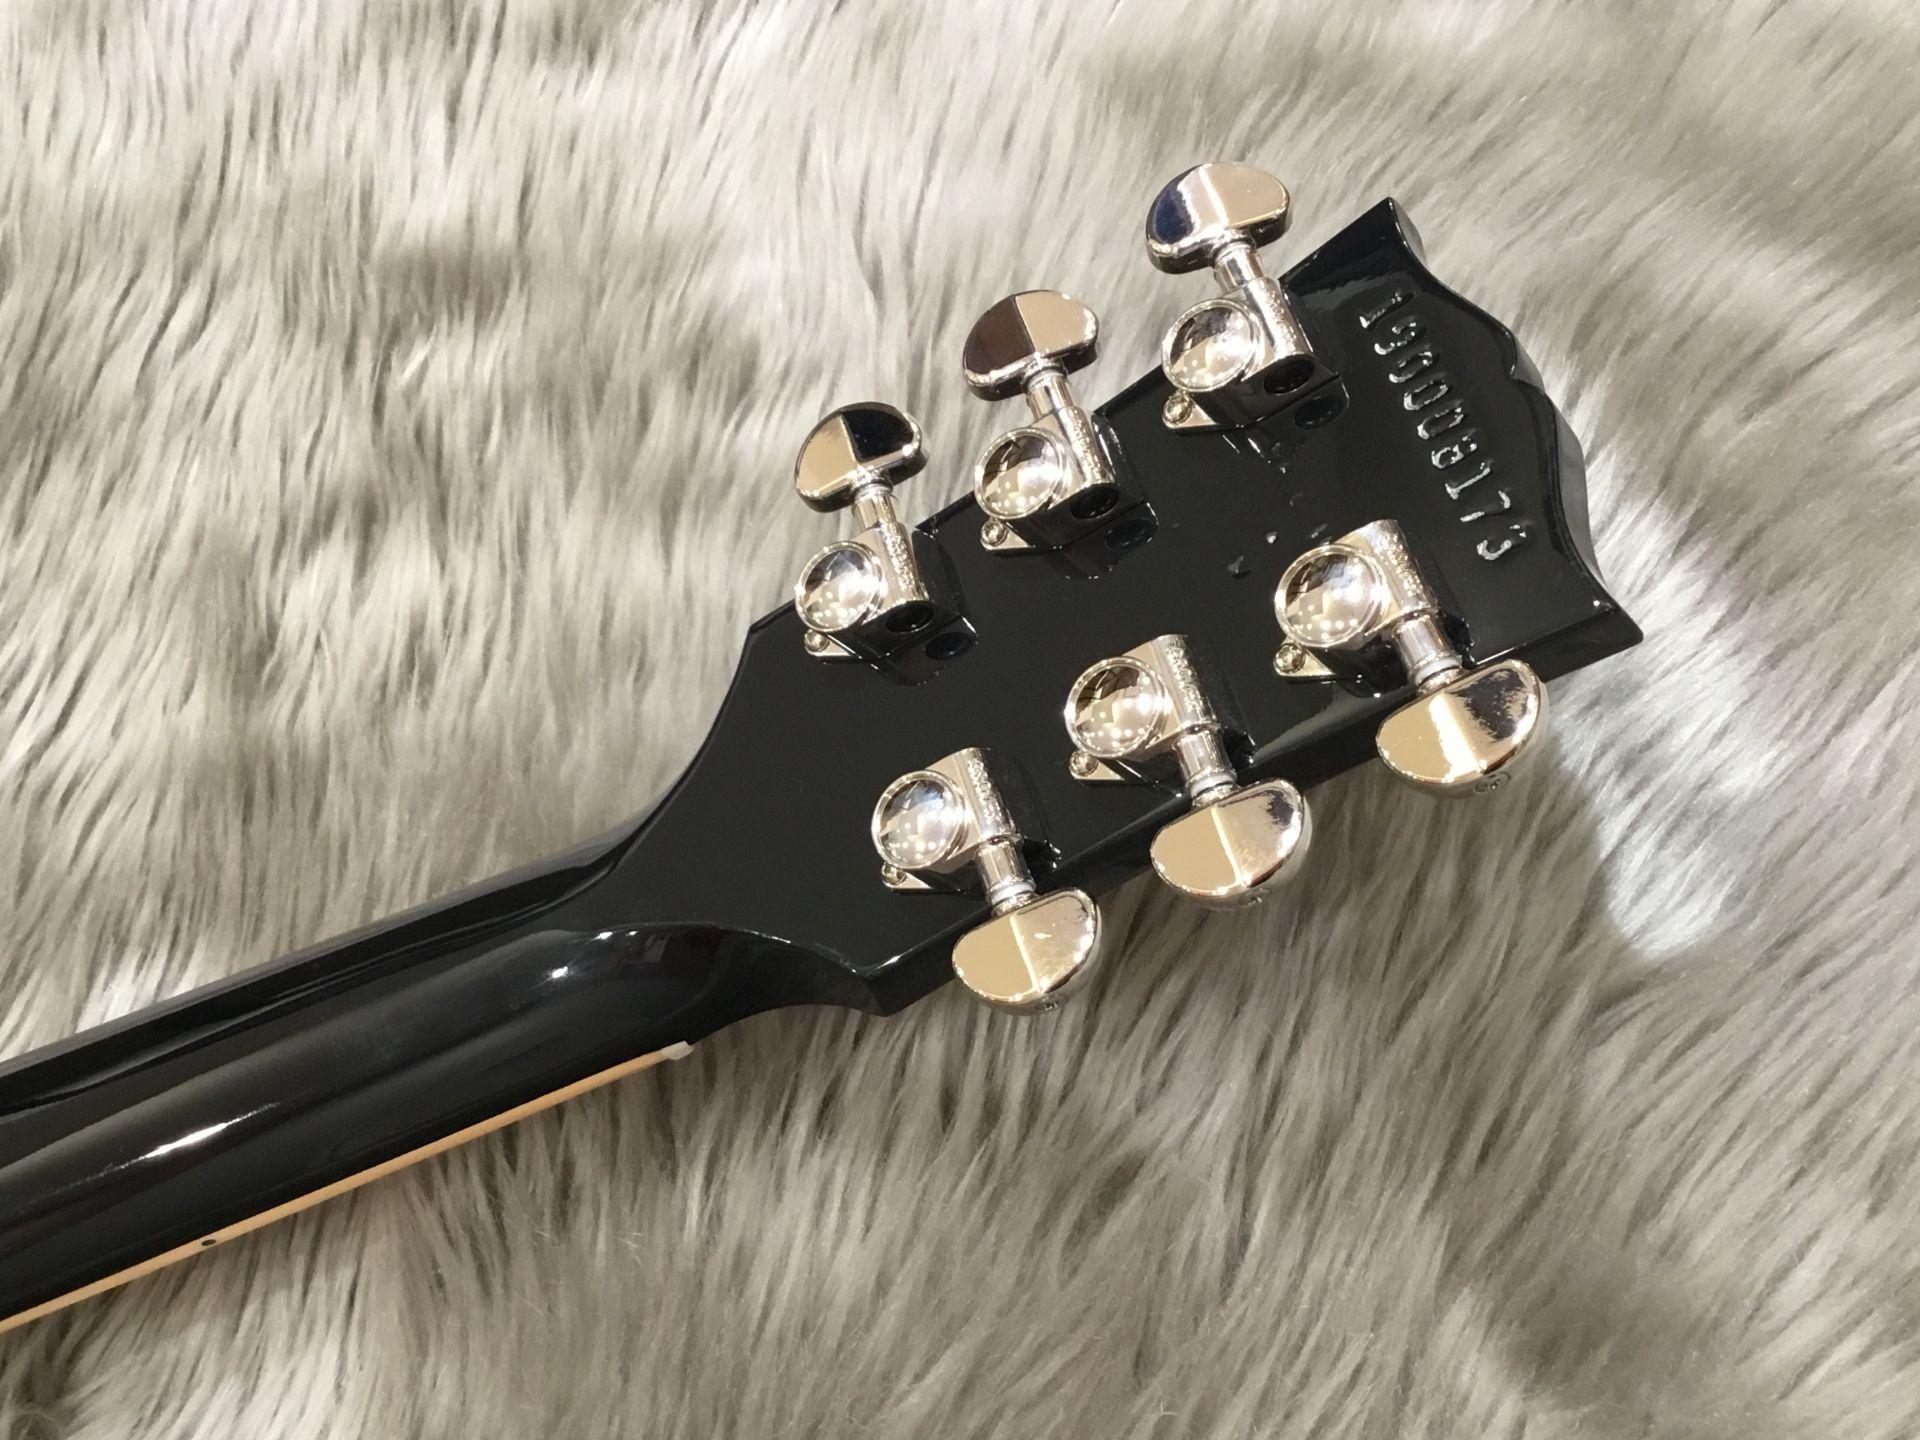 Gibson LP Classic 2019のヘッド裏-アップ画像